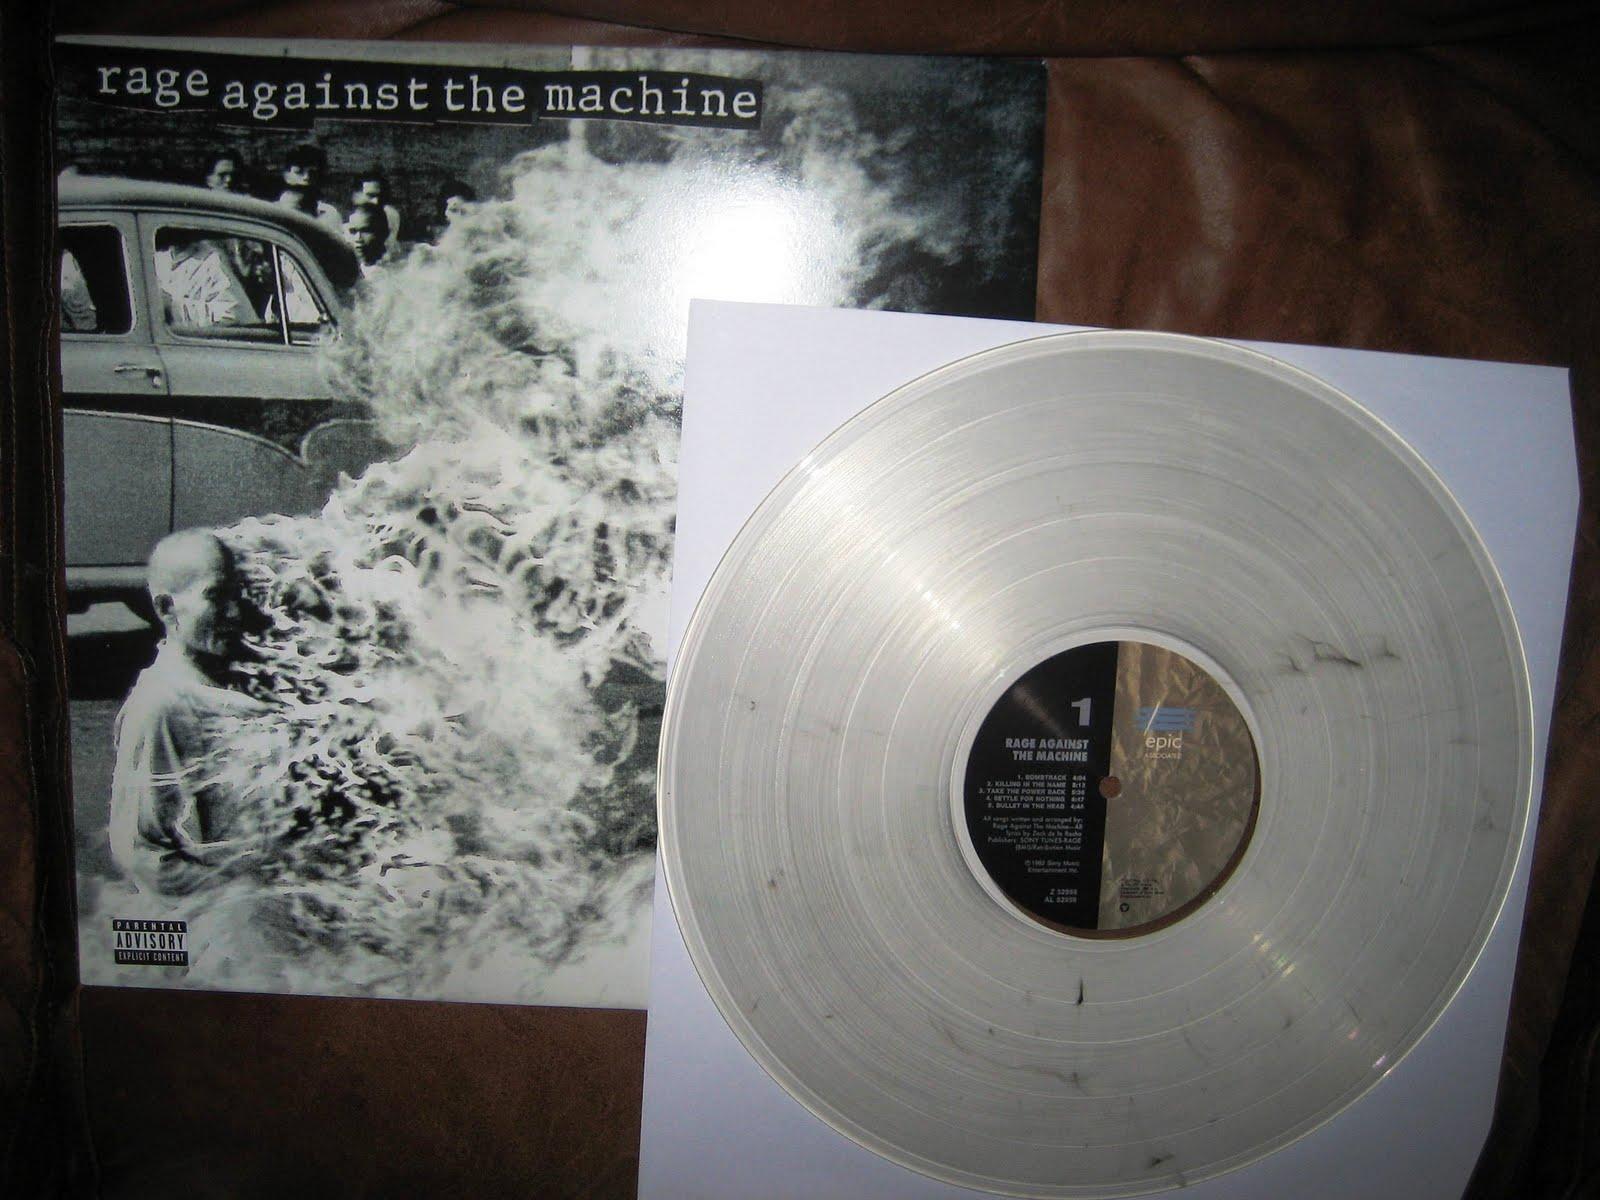 rage against the machine on vinyl